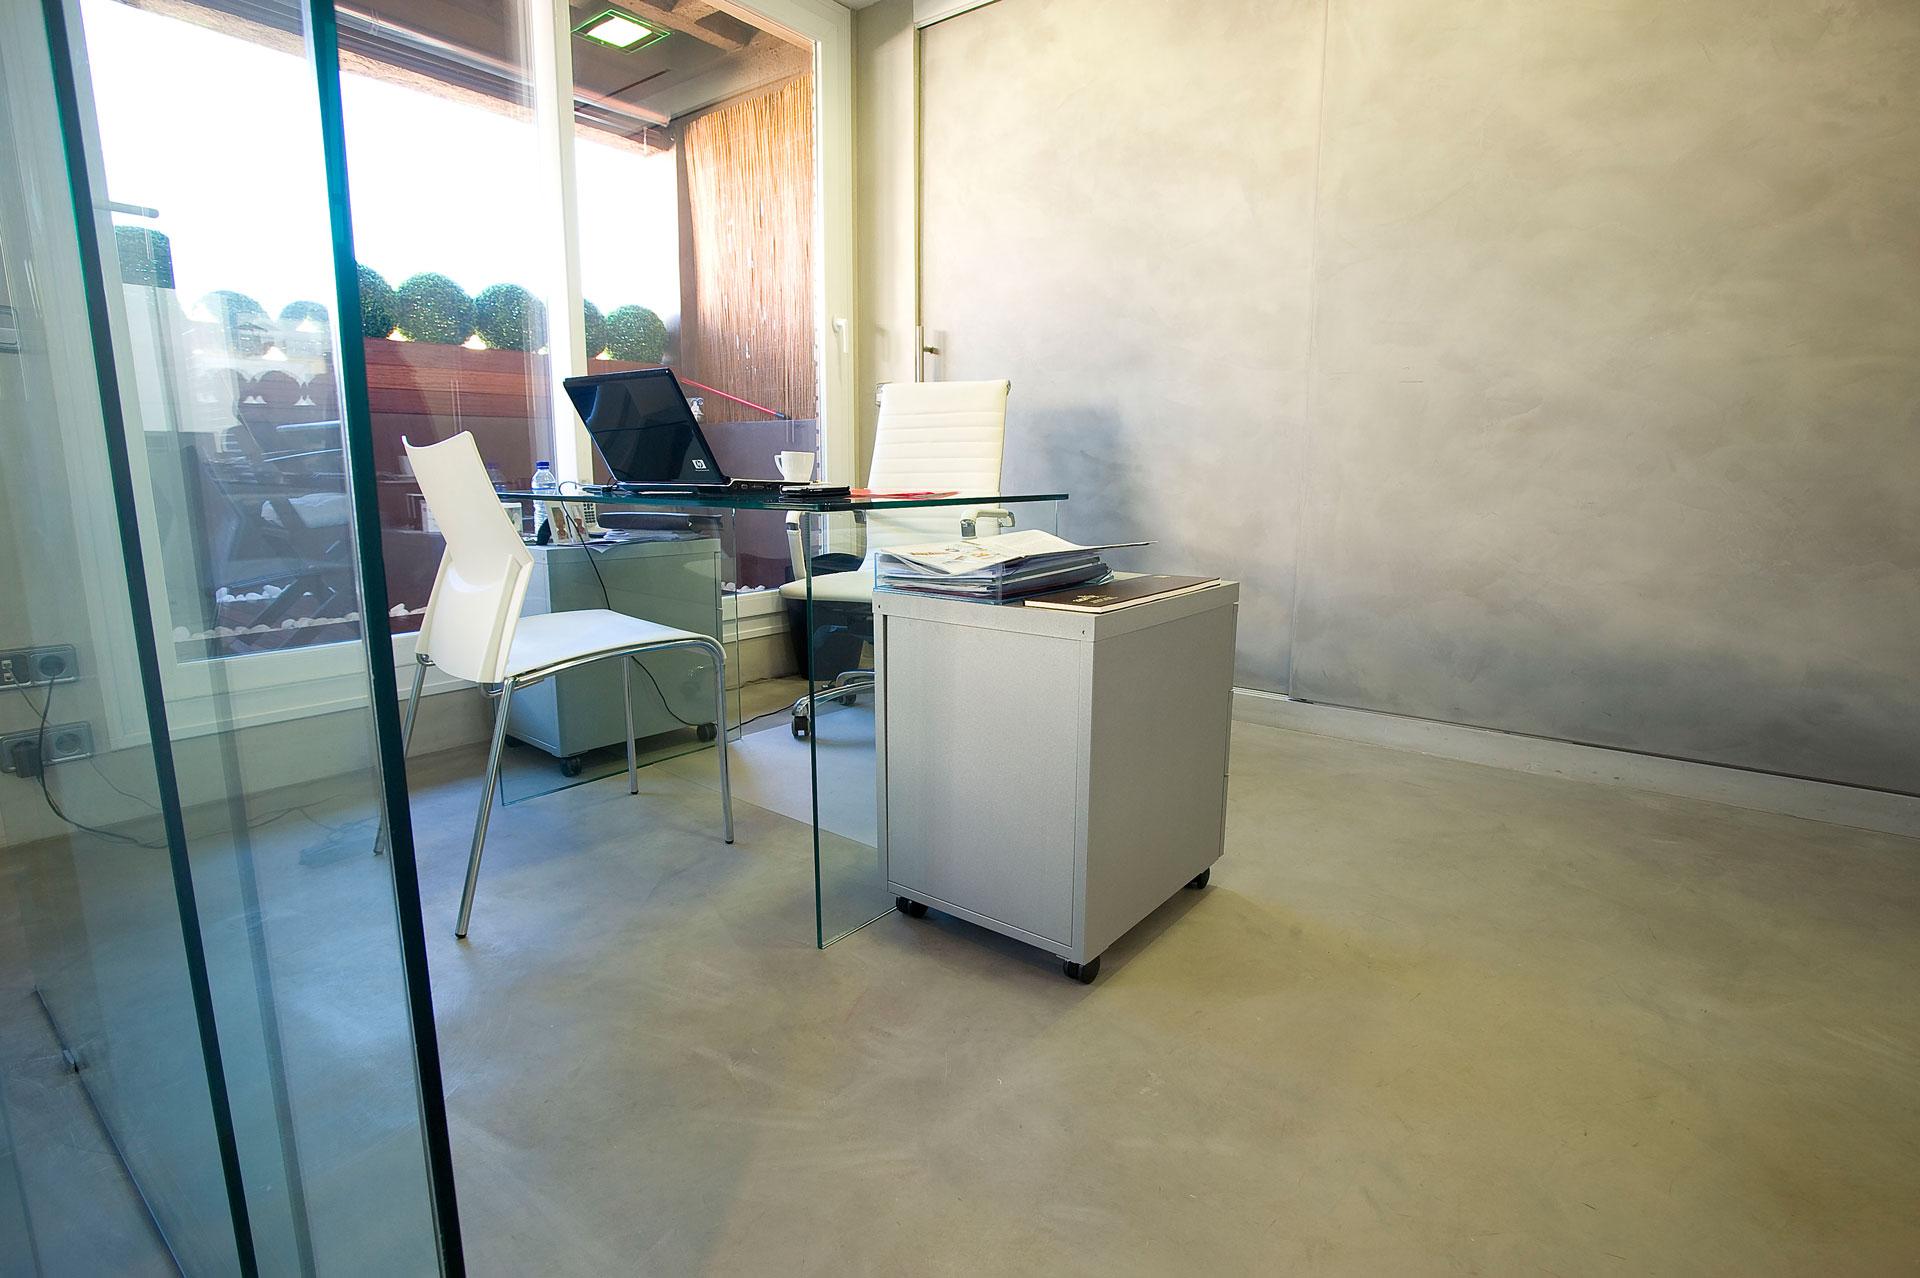 Ufficio con pavimento e pareti in microcemento bianco e scrivania in vetro